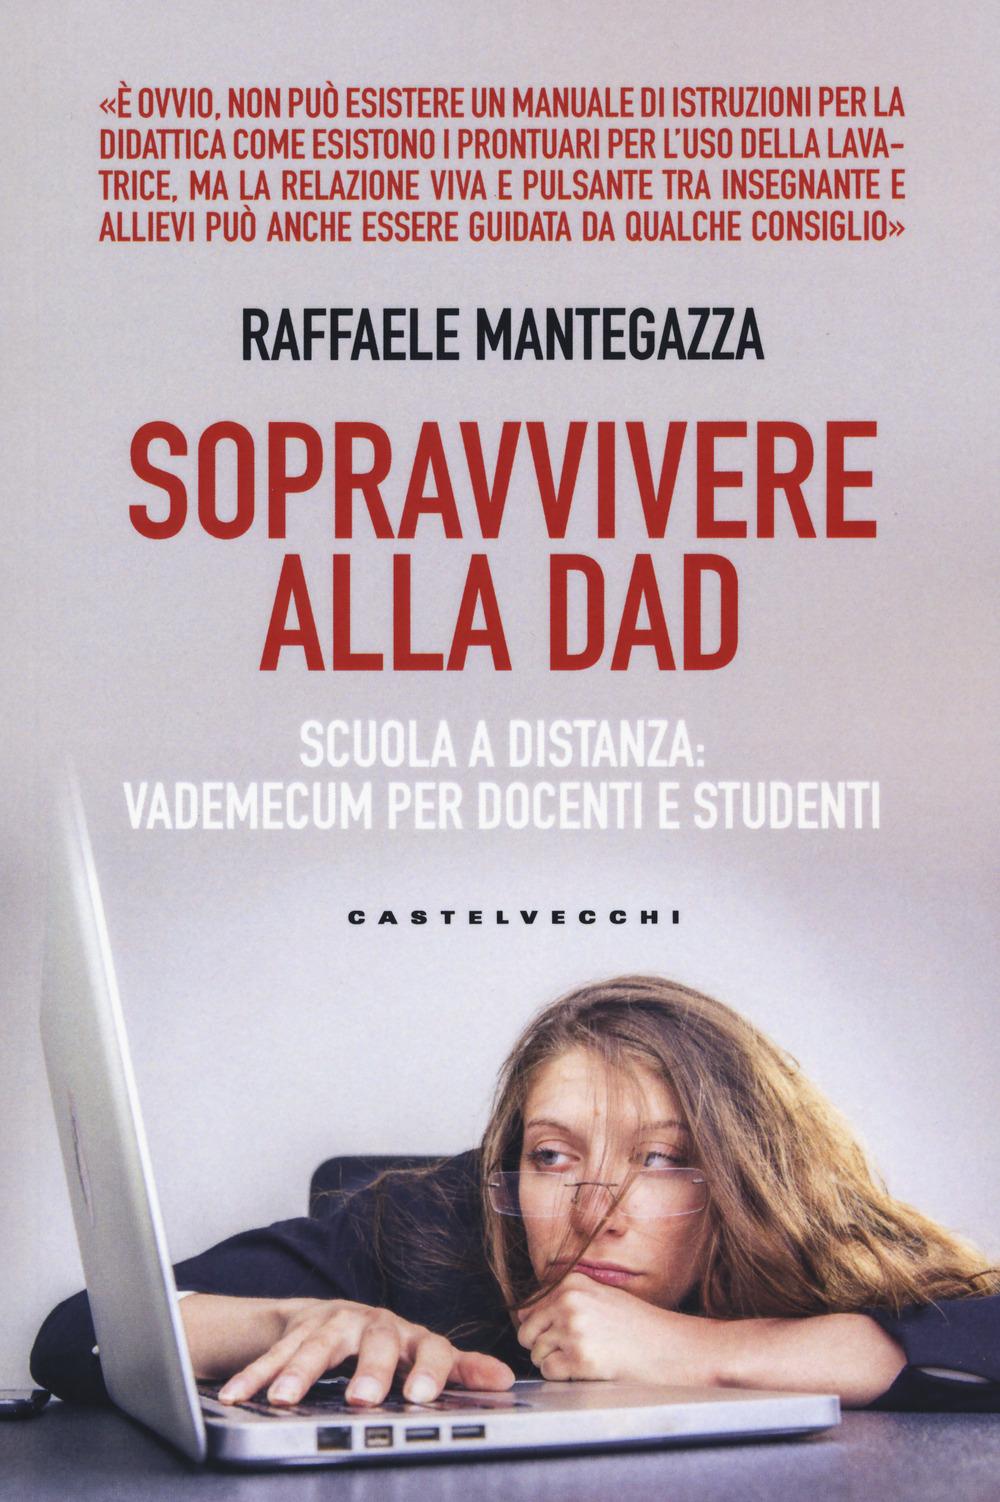 SOPRAVVIVERE ALLA DAD. SCUOLA A DISTANZA: VADEMECUM PER DOCENTI E STUDENTI - 9788832903164